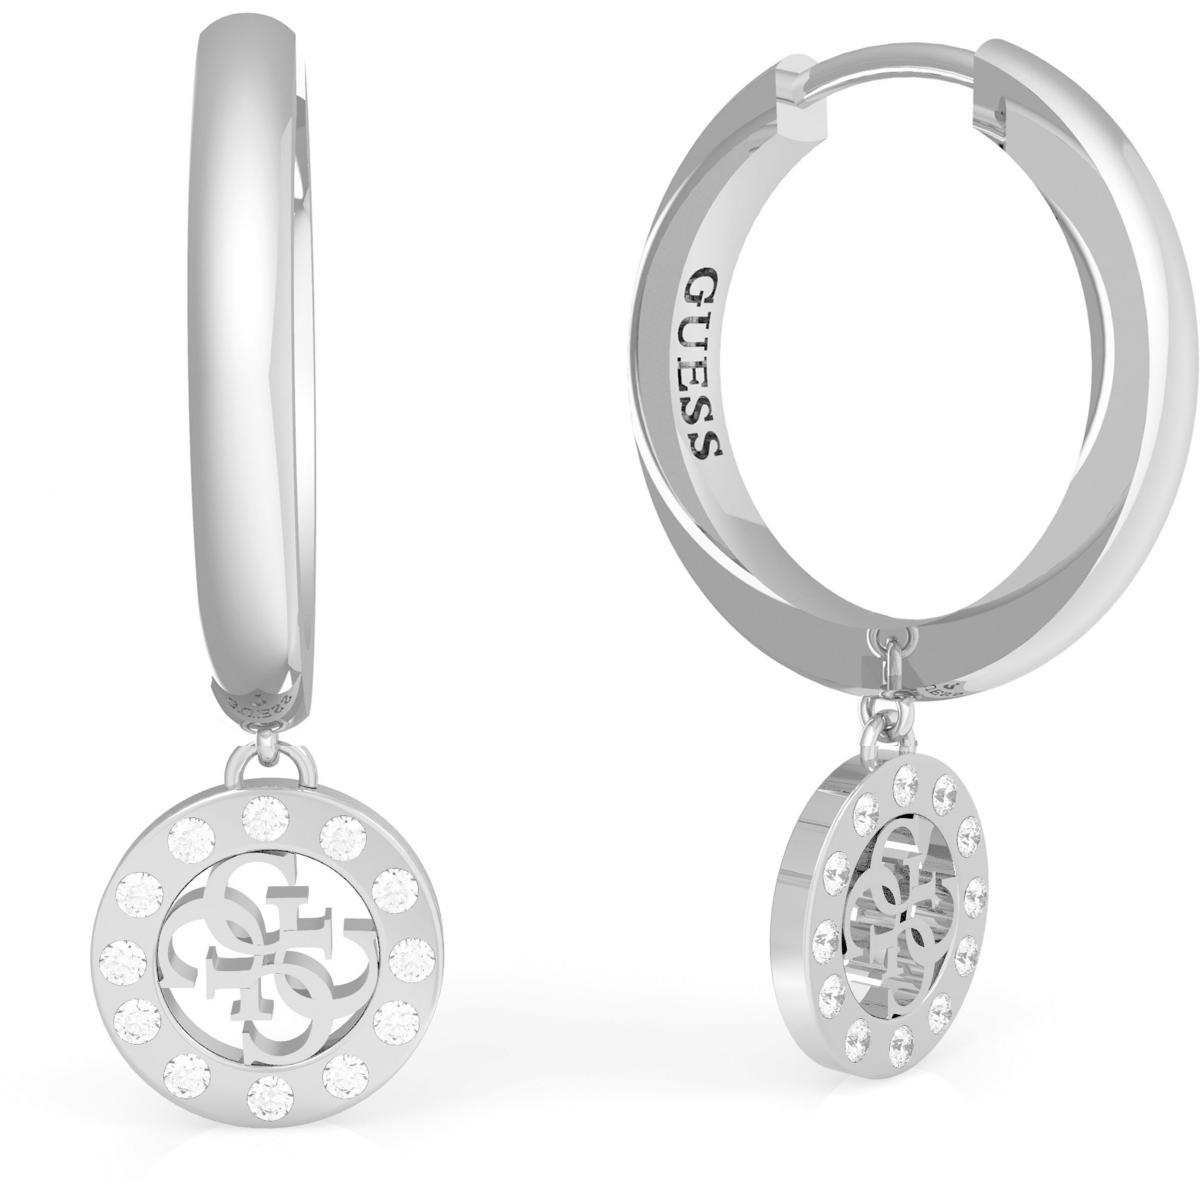 Boucles d'oreilles Guess Bijoux UBE79042 - 3 suisses - Modalova